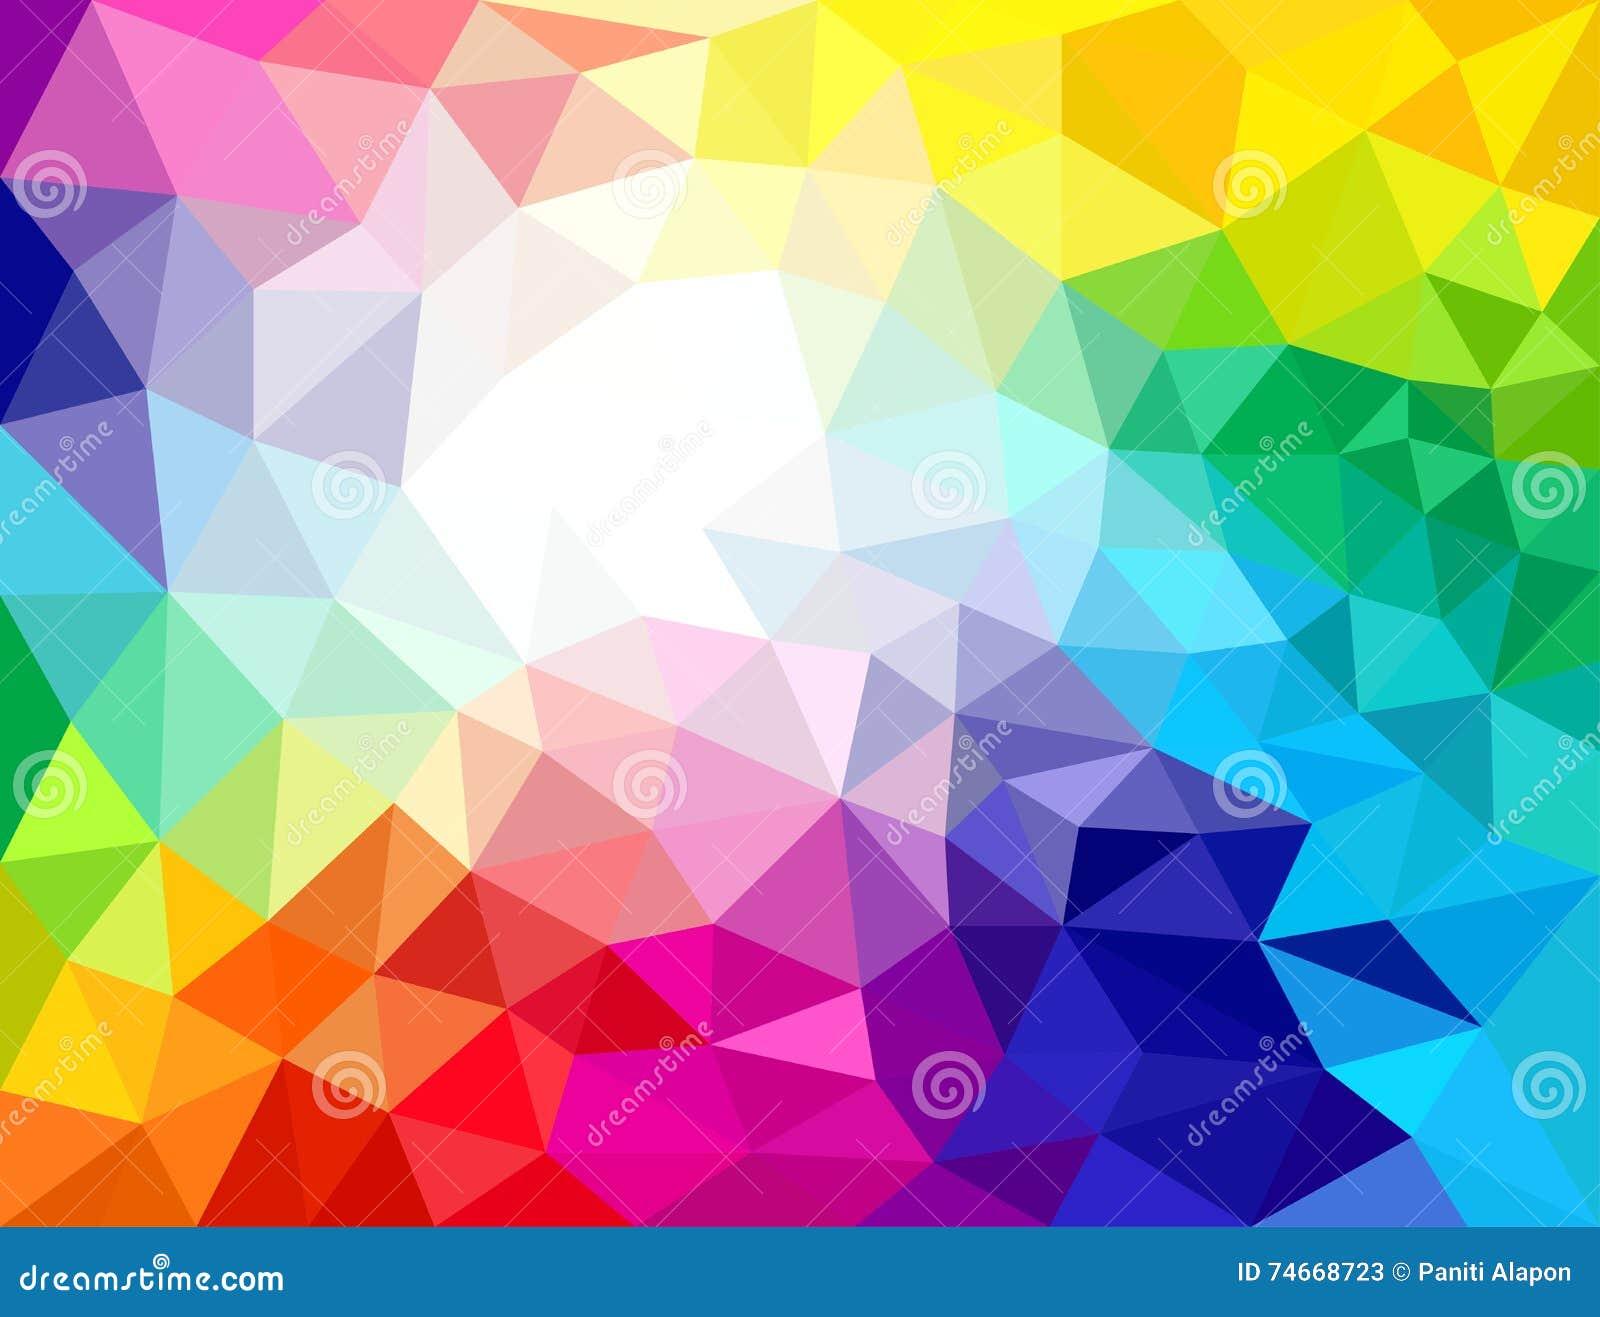 Fondos abstractos de los colores geom tricos ilustraci n for Imagenes de cuadros abstractos grandes